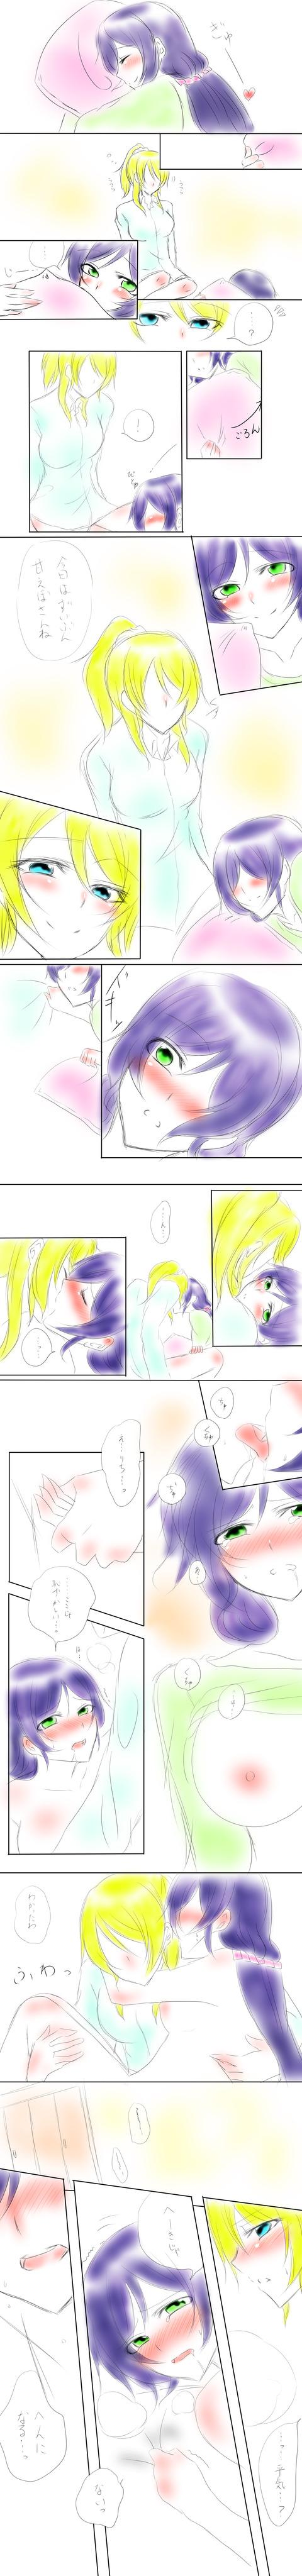 めちゃオナニーに便利なスクフェスエロ画像まとめ!part3808